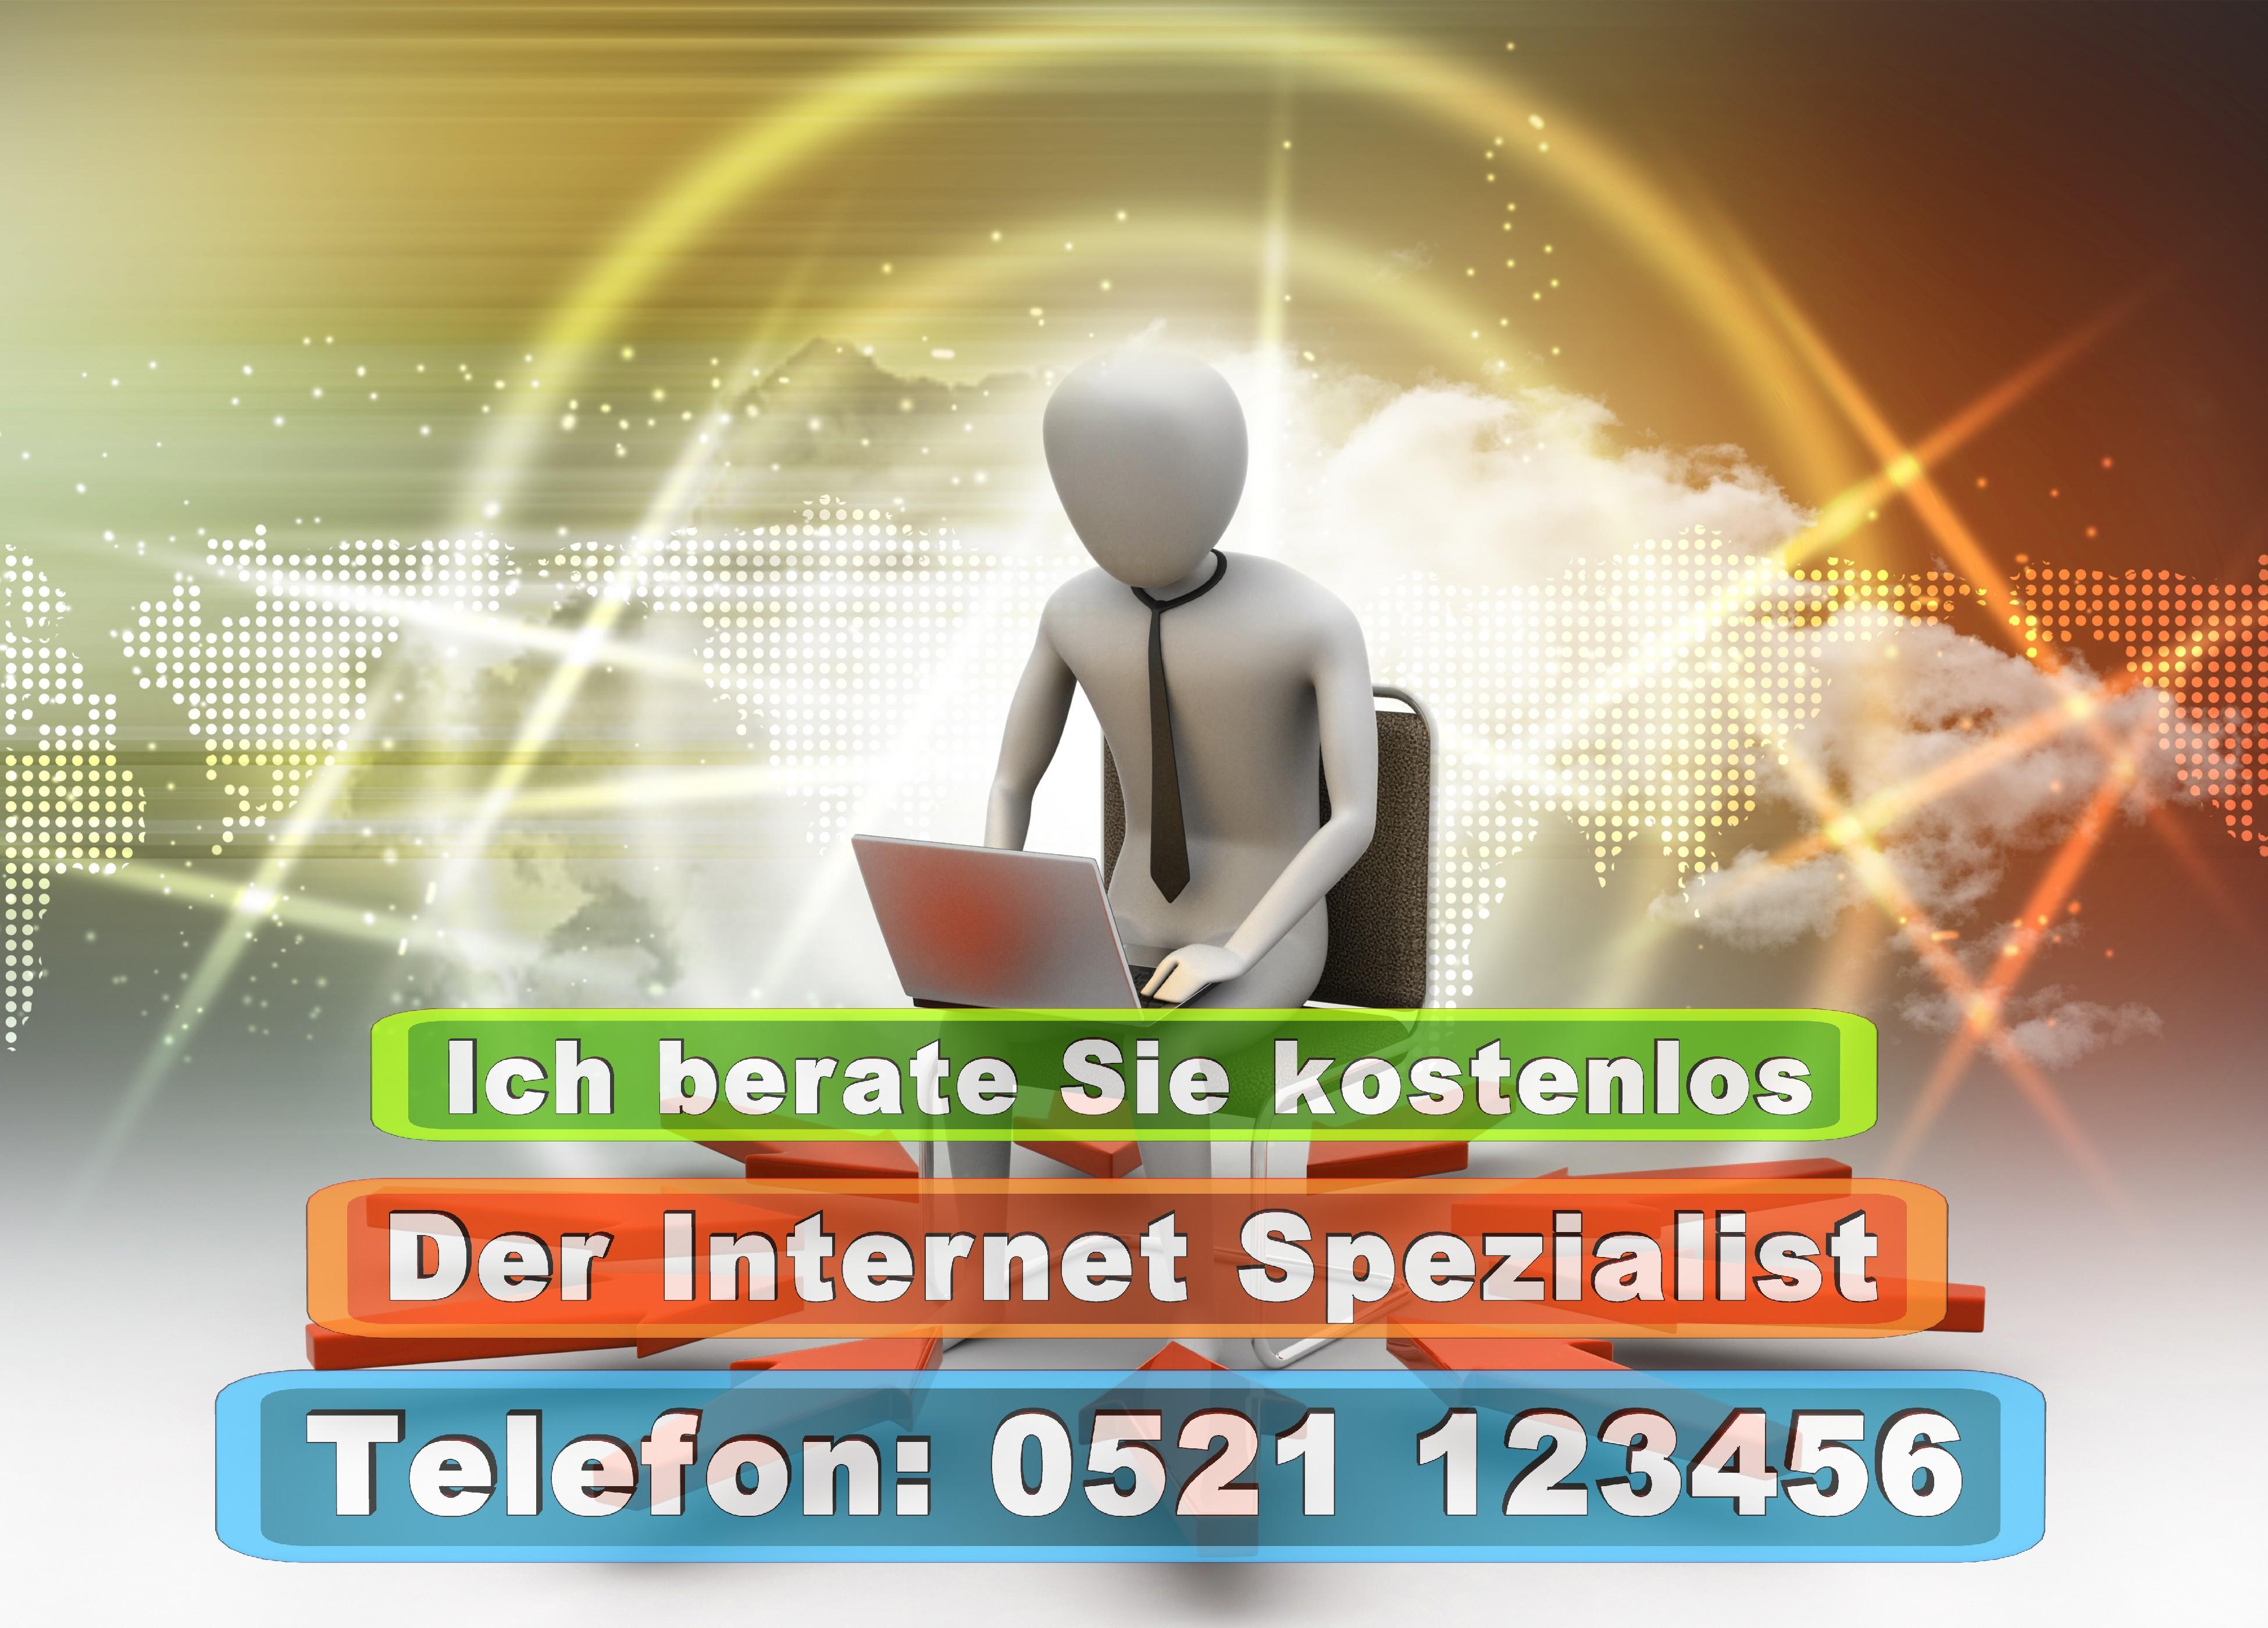 Werbeagentur Bielefeld Druckerei Bielefeld Prospekte Zeitung Visitenkarten Poster Werbung Print Presse Druck Fotografie Fotos Internet (23)